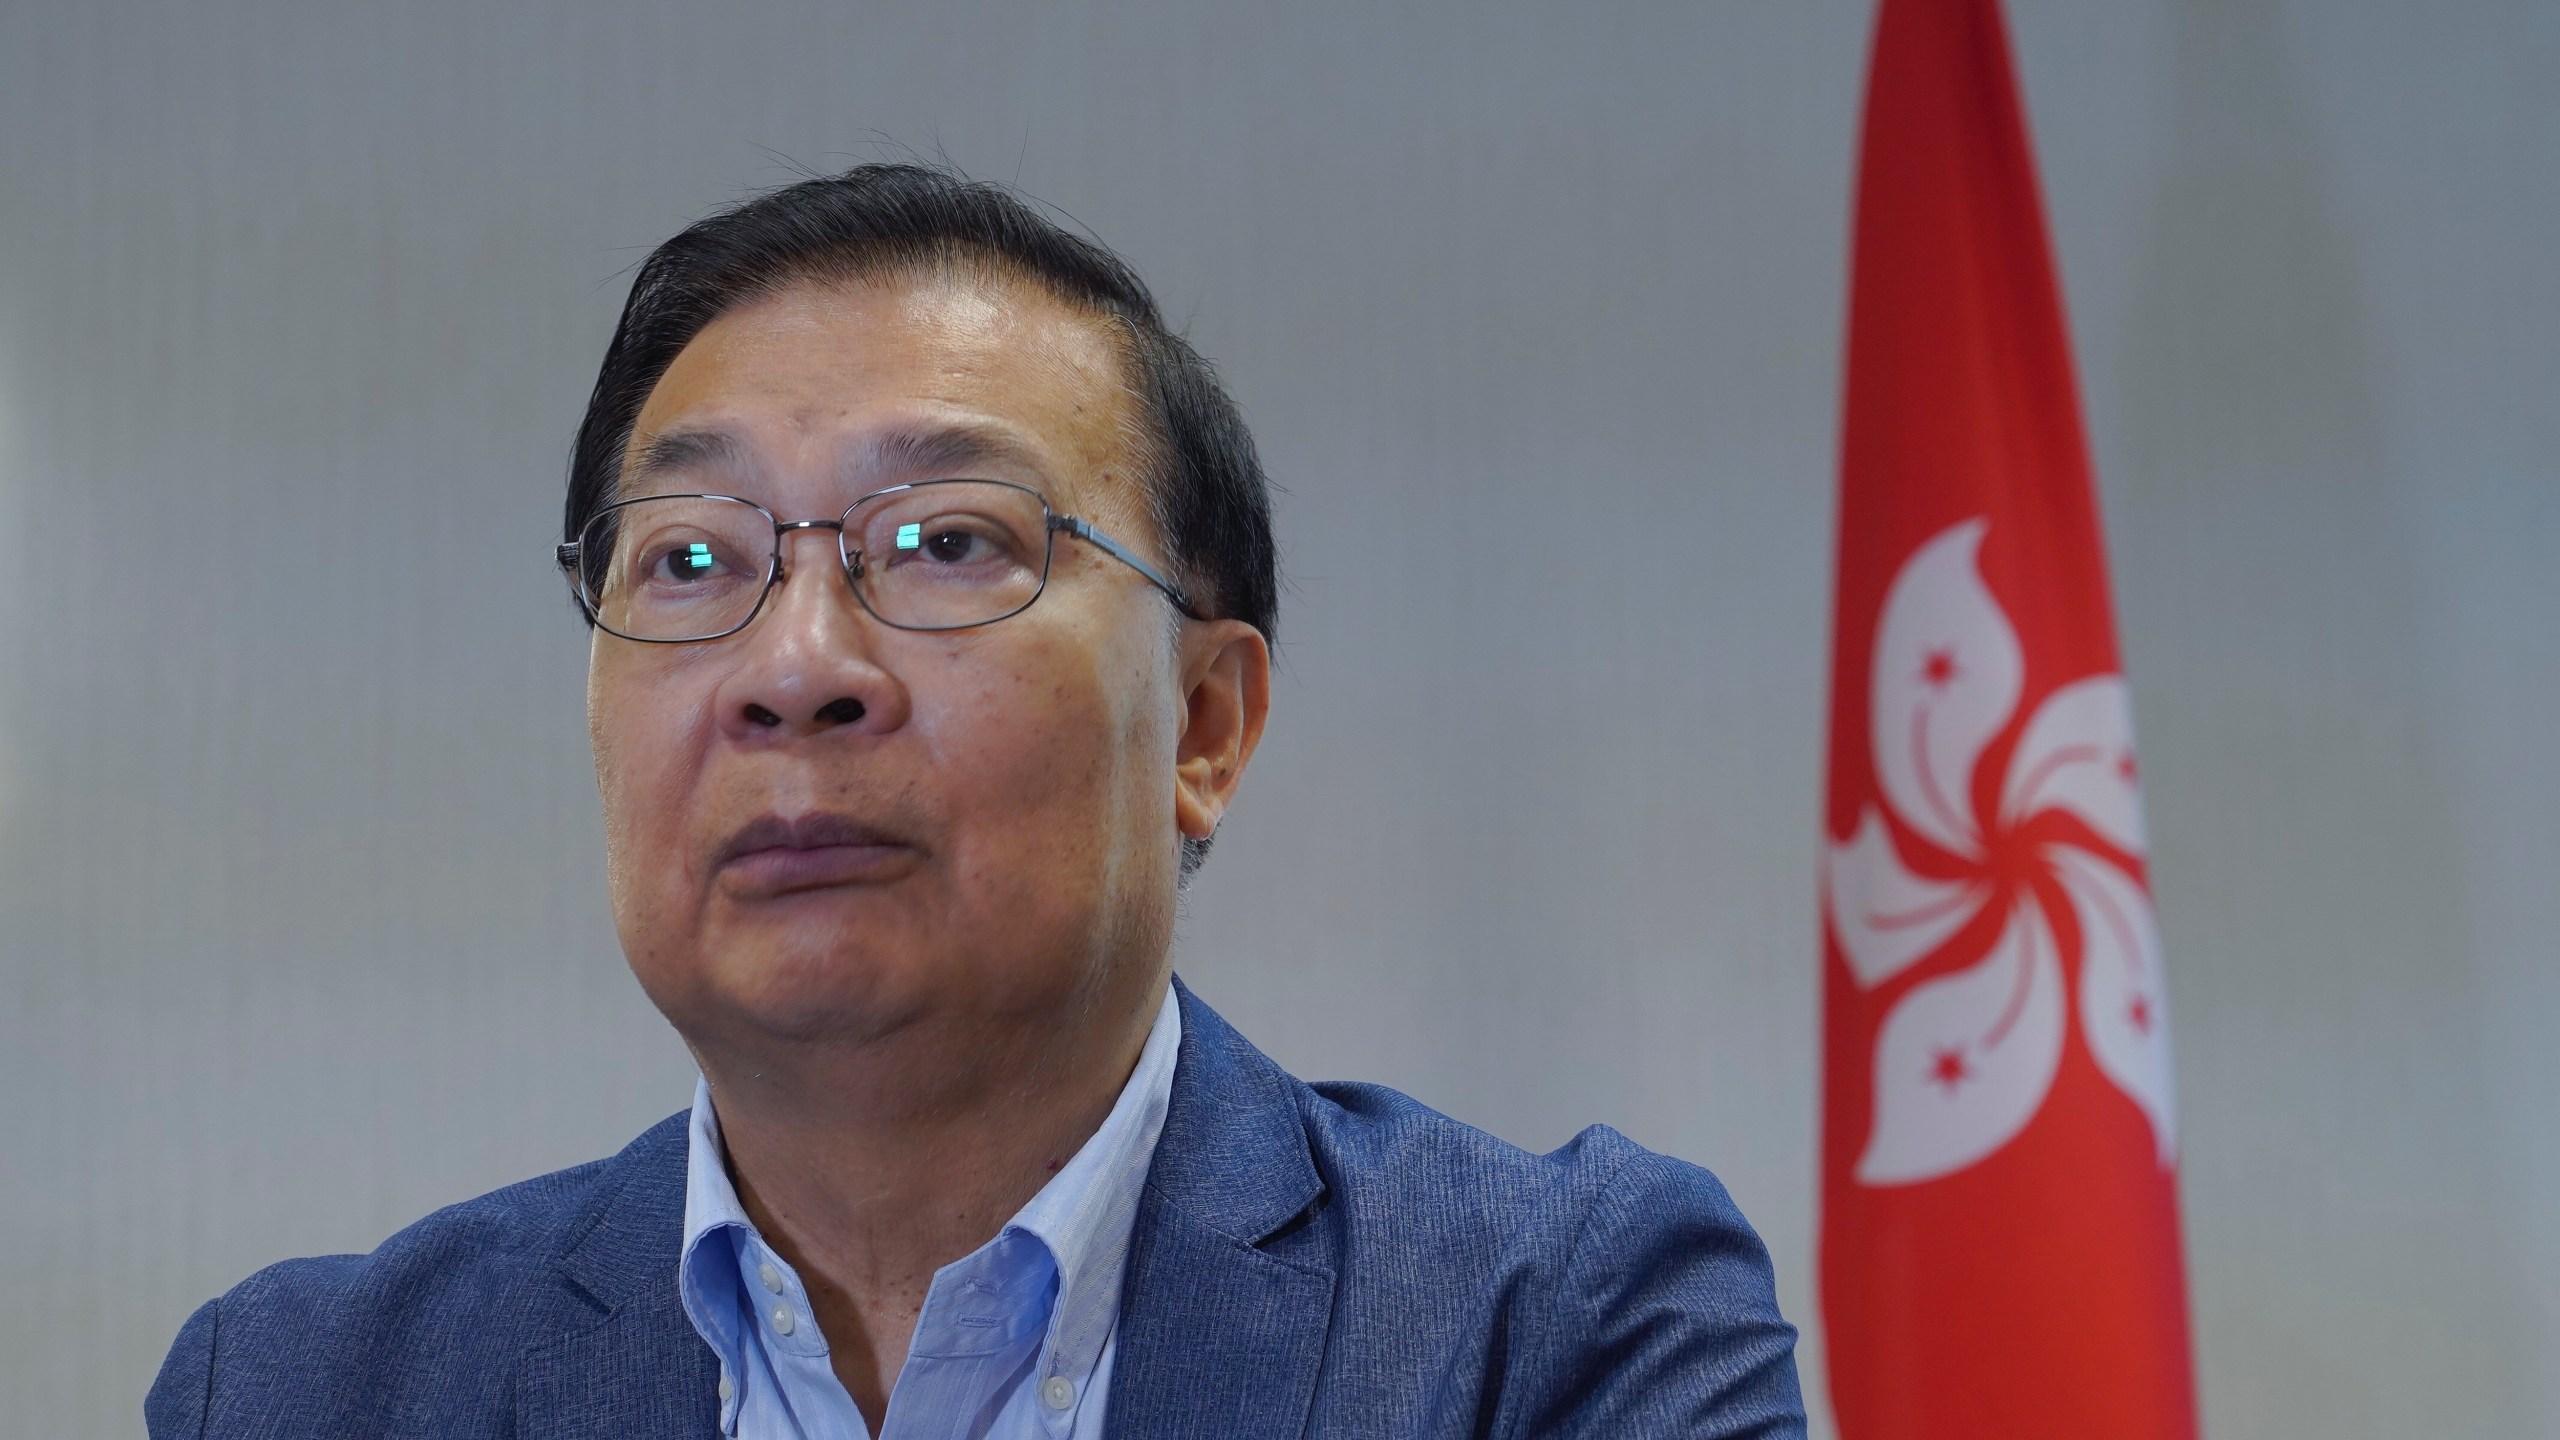 Tam Yiu Chung